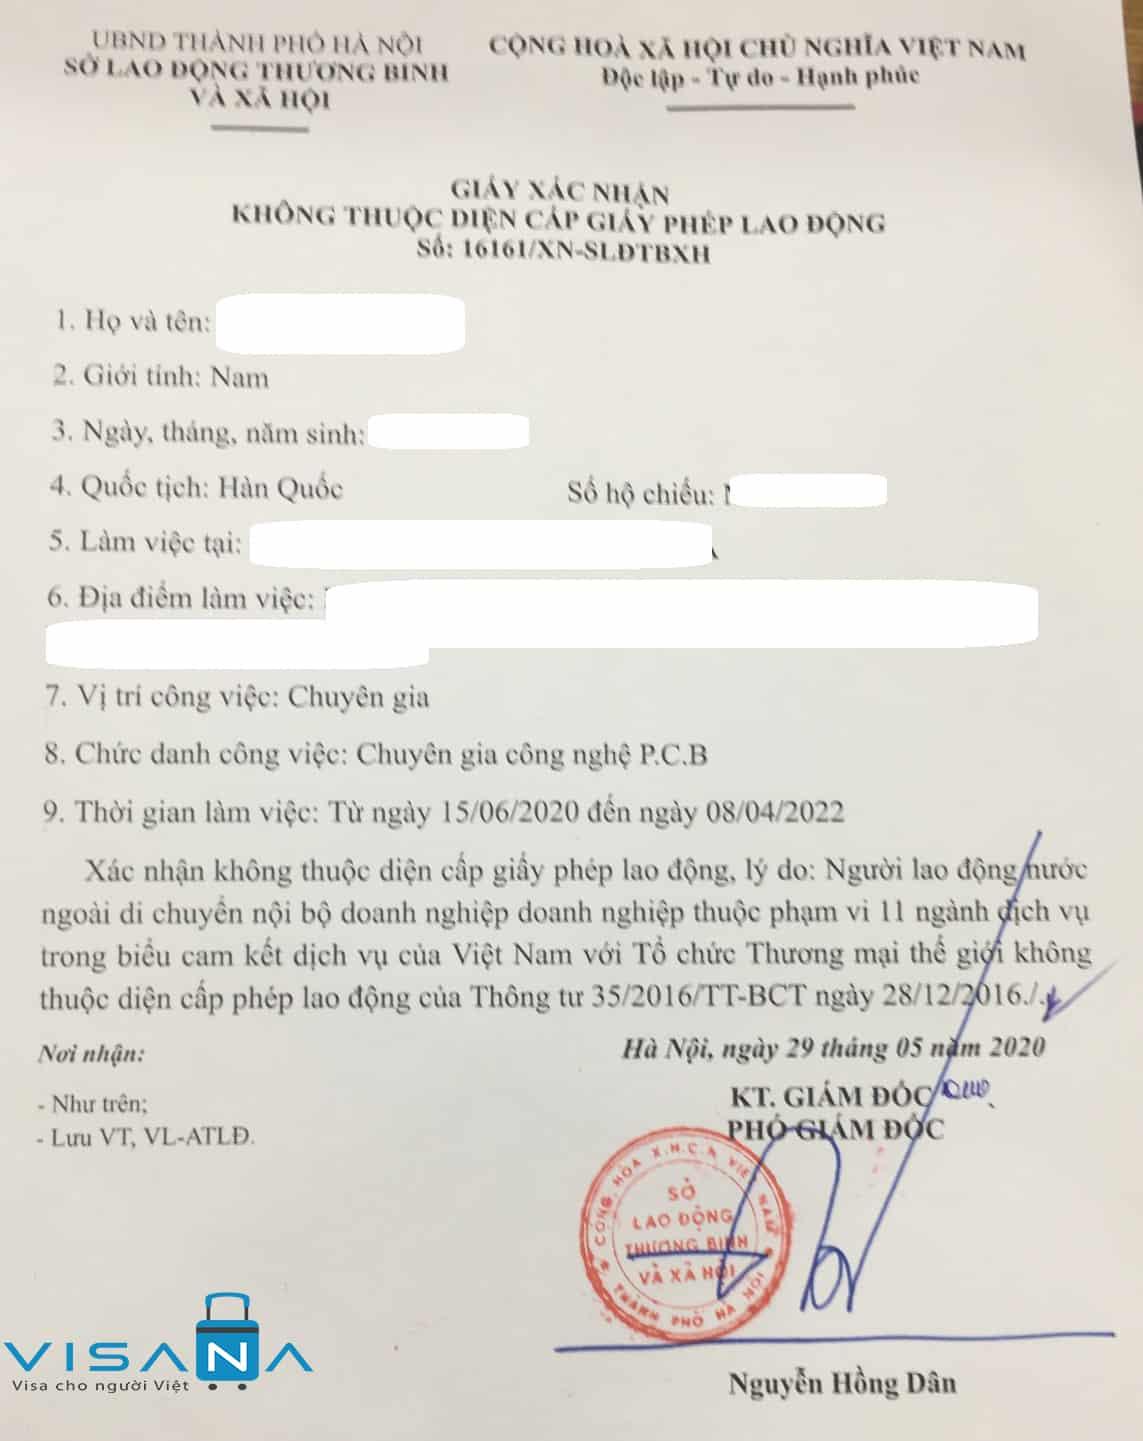 Mẫu giấy miễn giấy phép lao động Việt Nam - VISANA